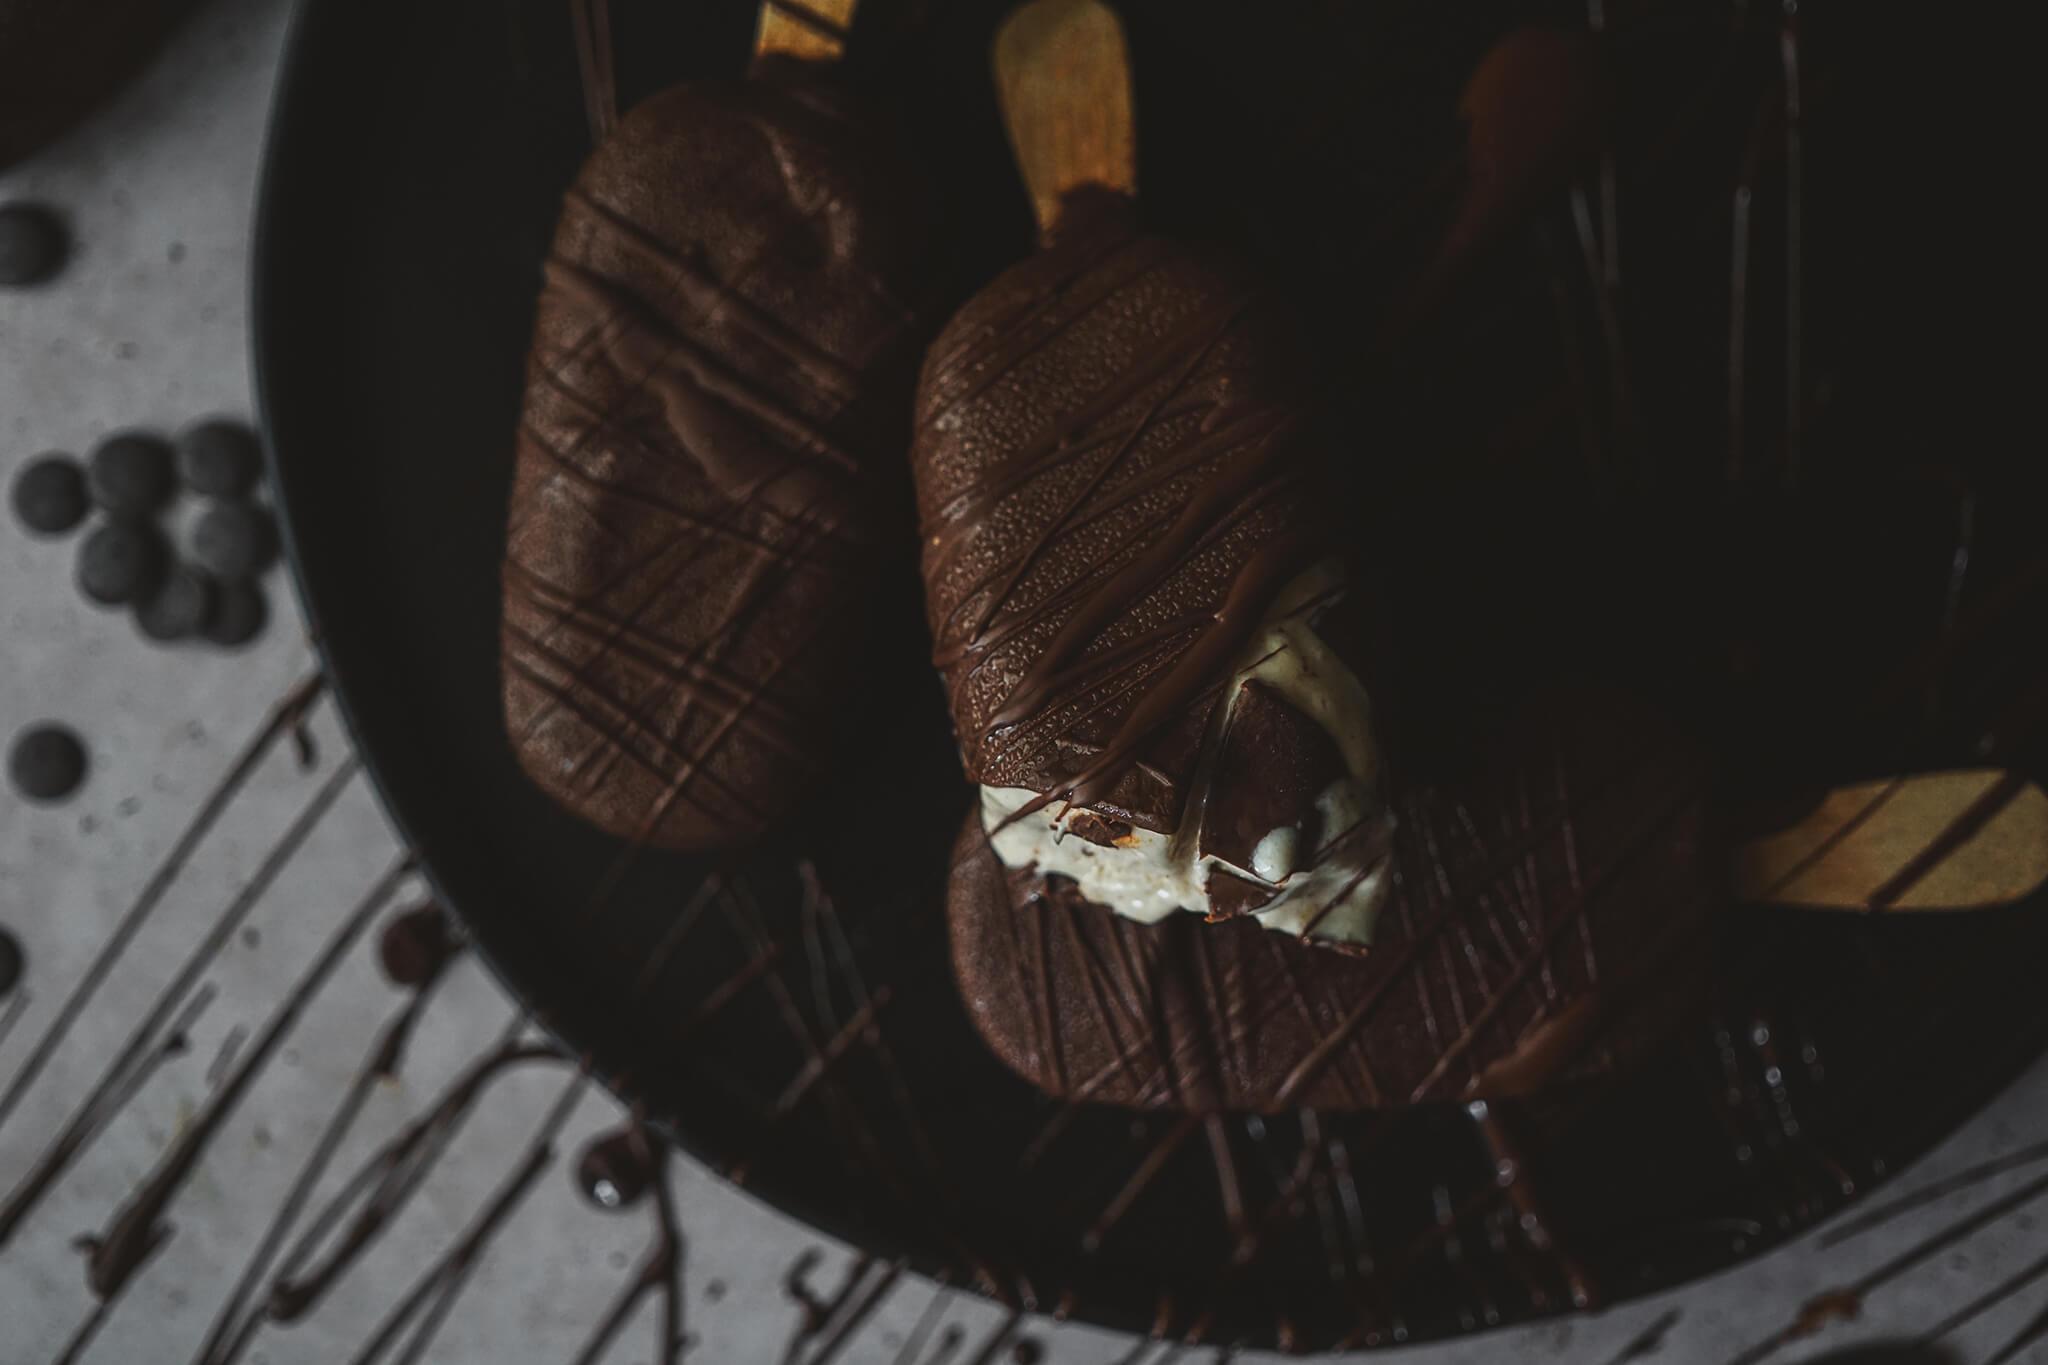 DARK CHOCOLATE AND BANANA MAGNUM